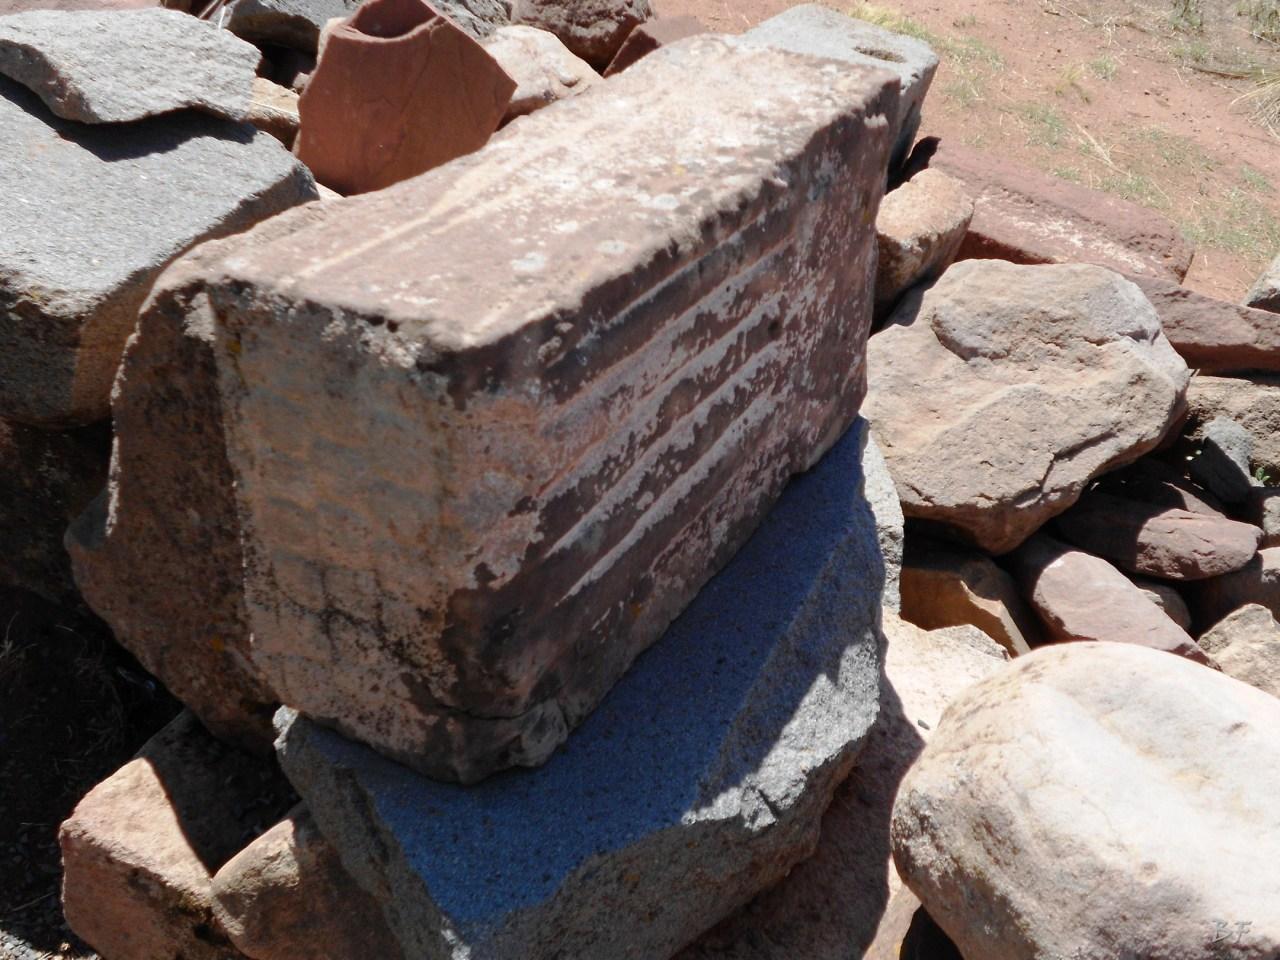 Puma-Punku-Area-Megalitica-Mura-Poligonali-Megaliti-Tiwanaku-Tiahuanaco-Bolivia-15